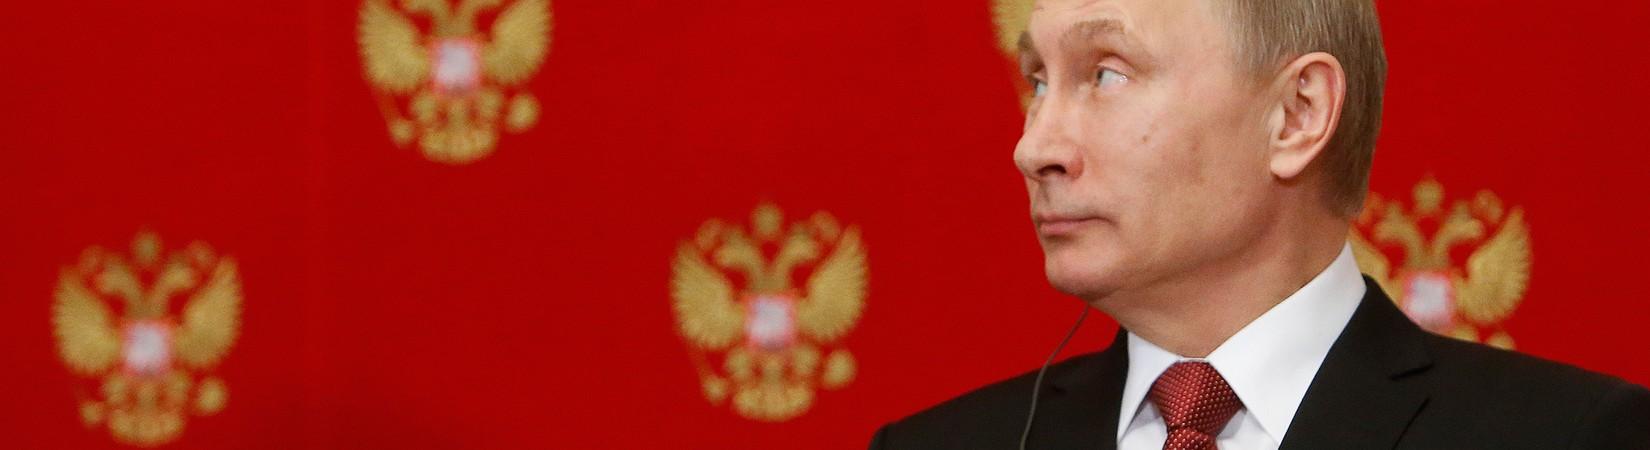 Владимиру Путину приписали состояние в $200 млрд